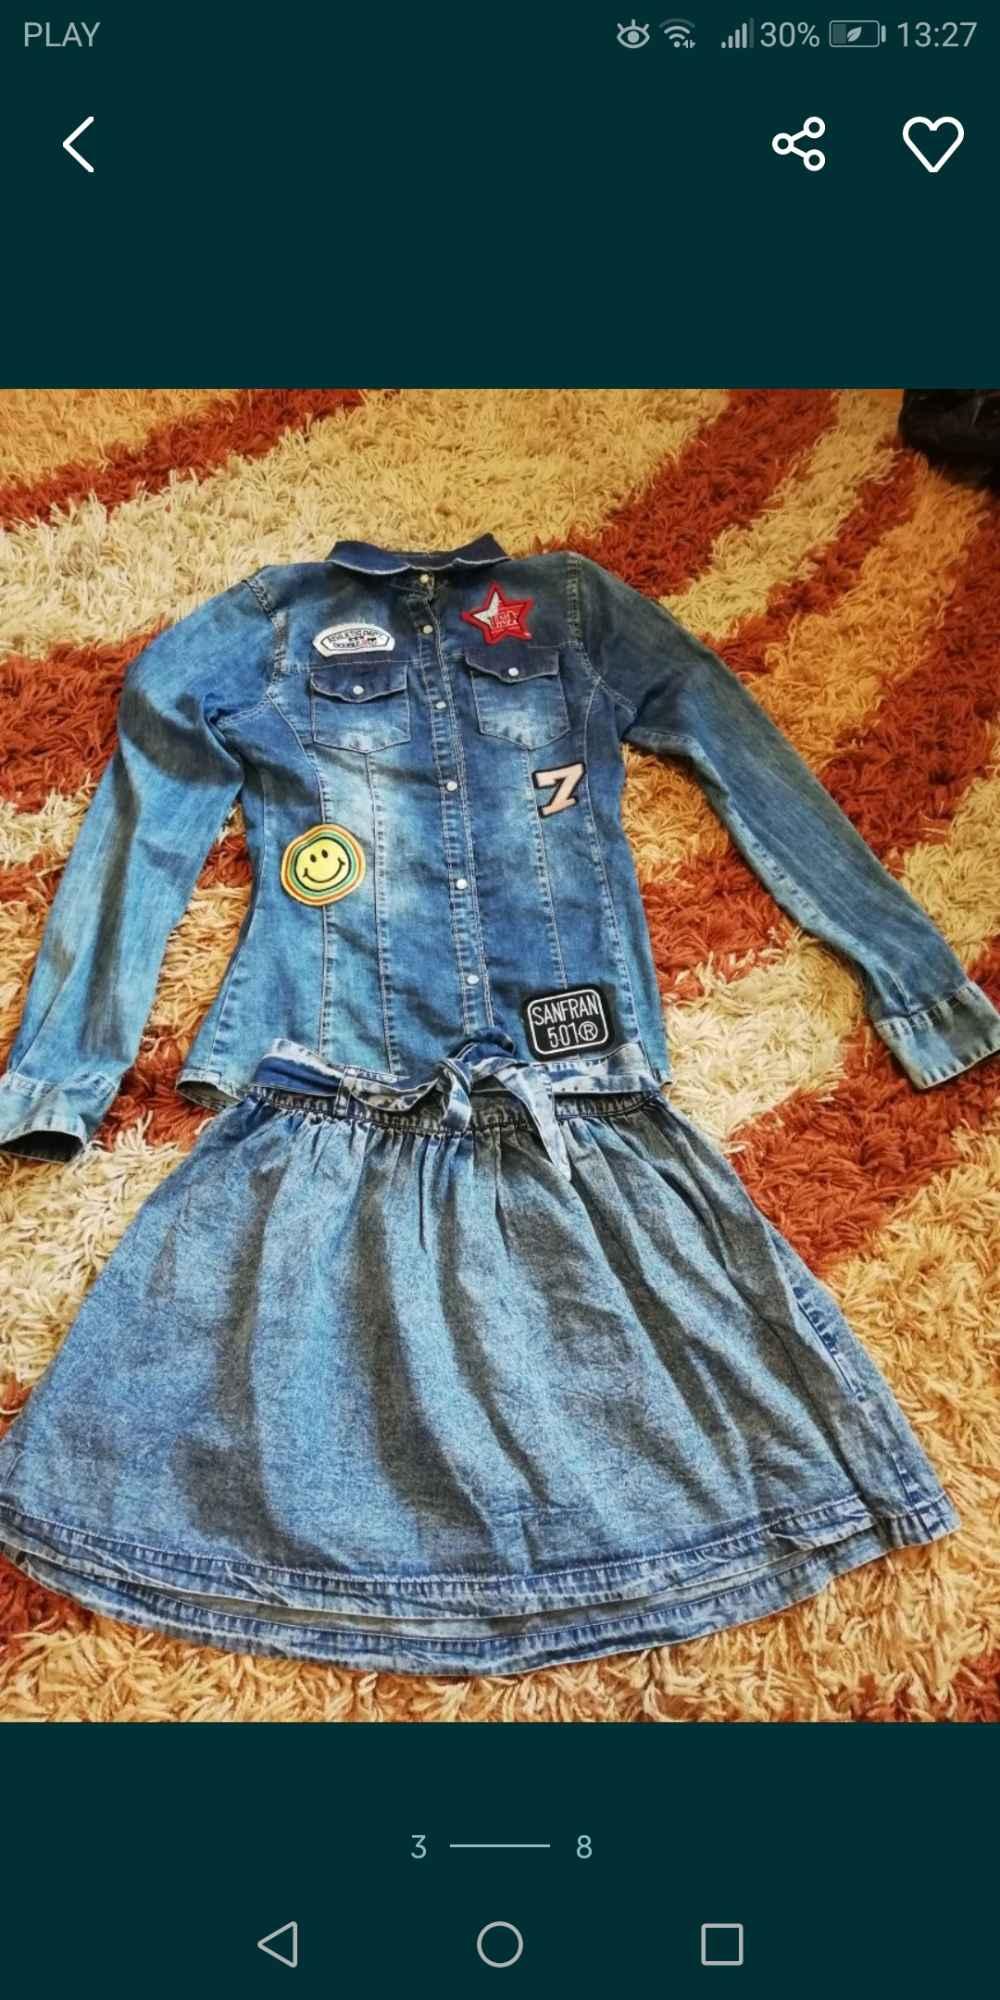 Sprzedam ubrania Syców - zdjęcie 1